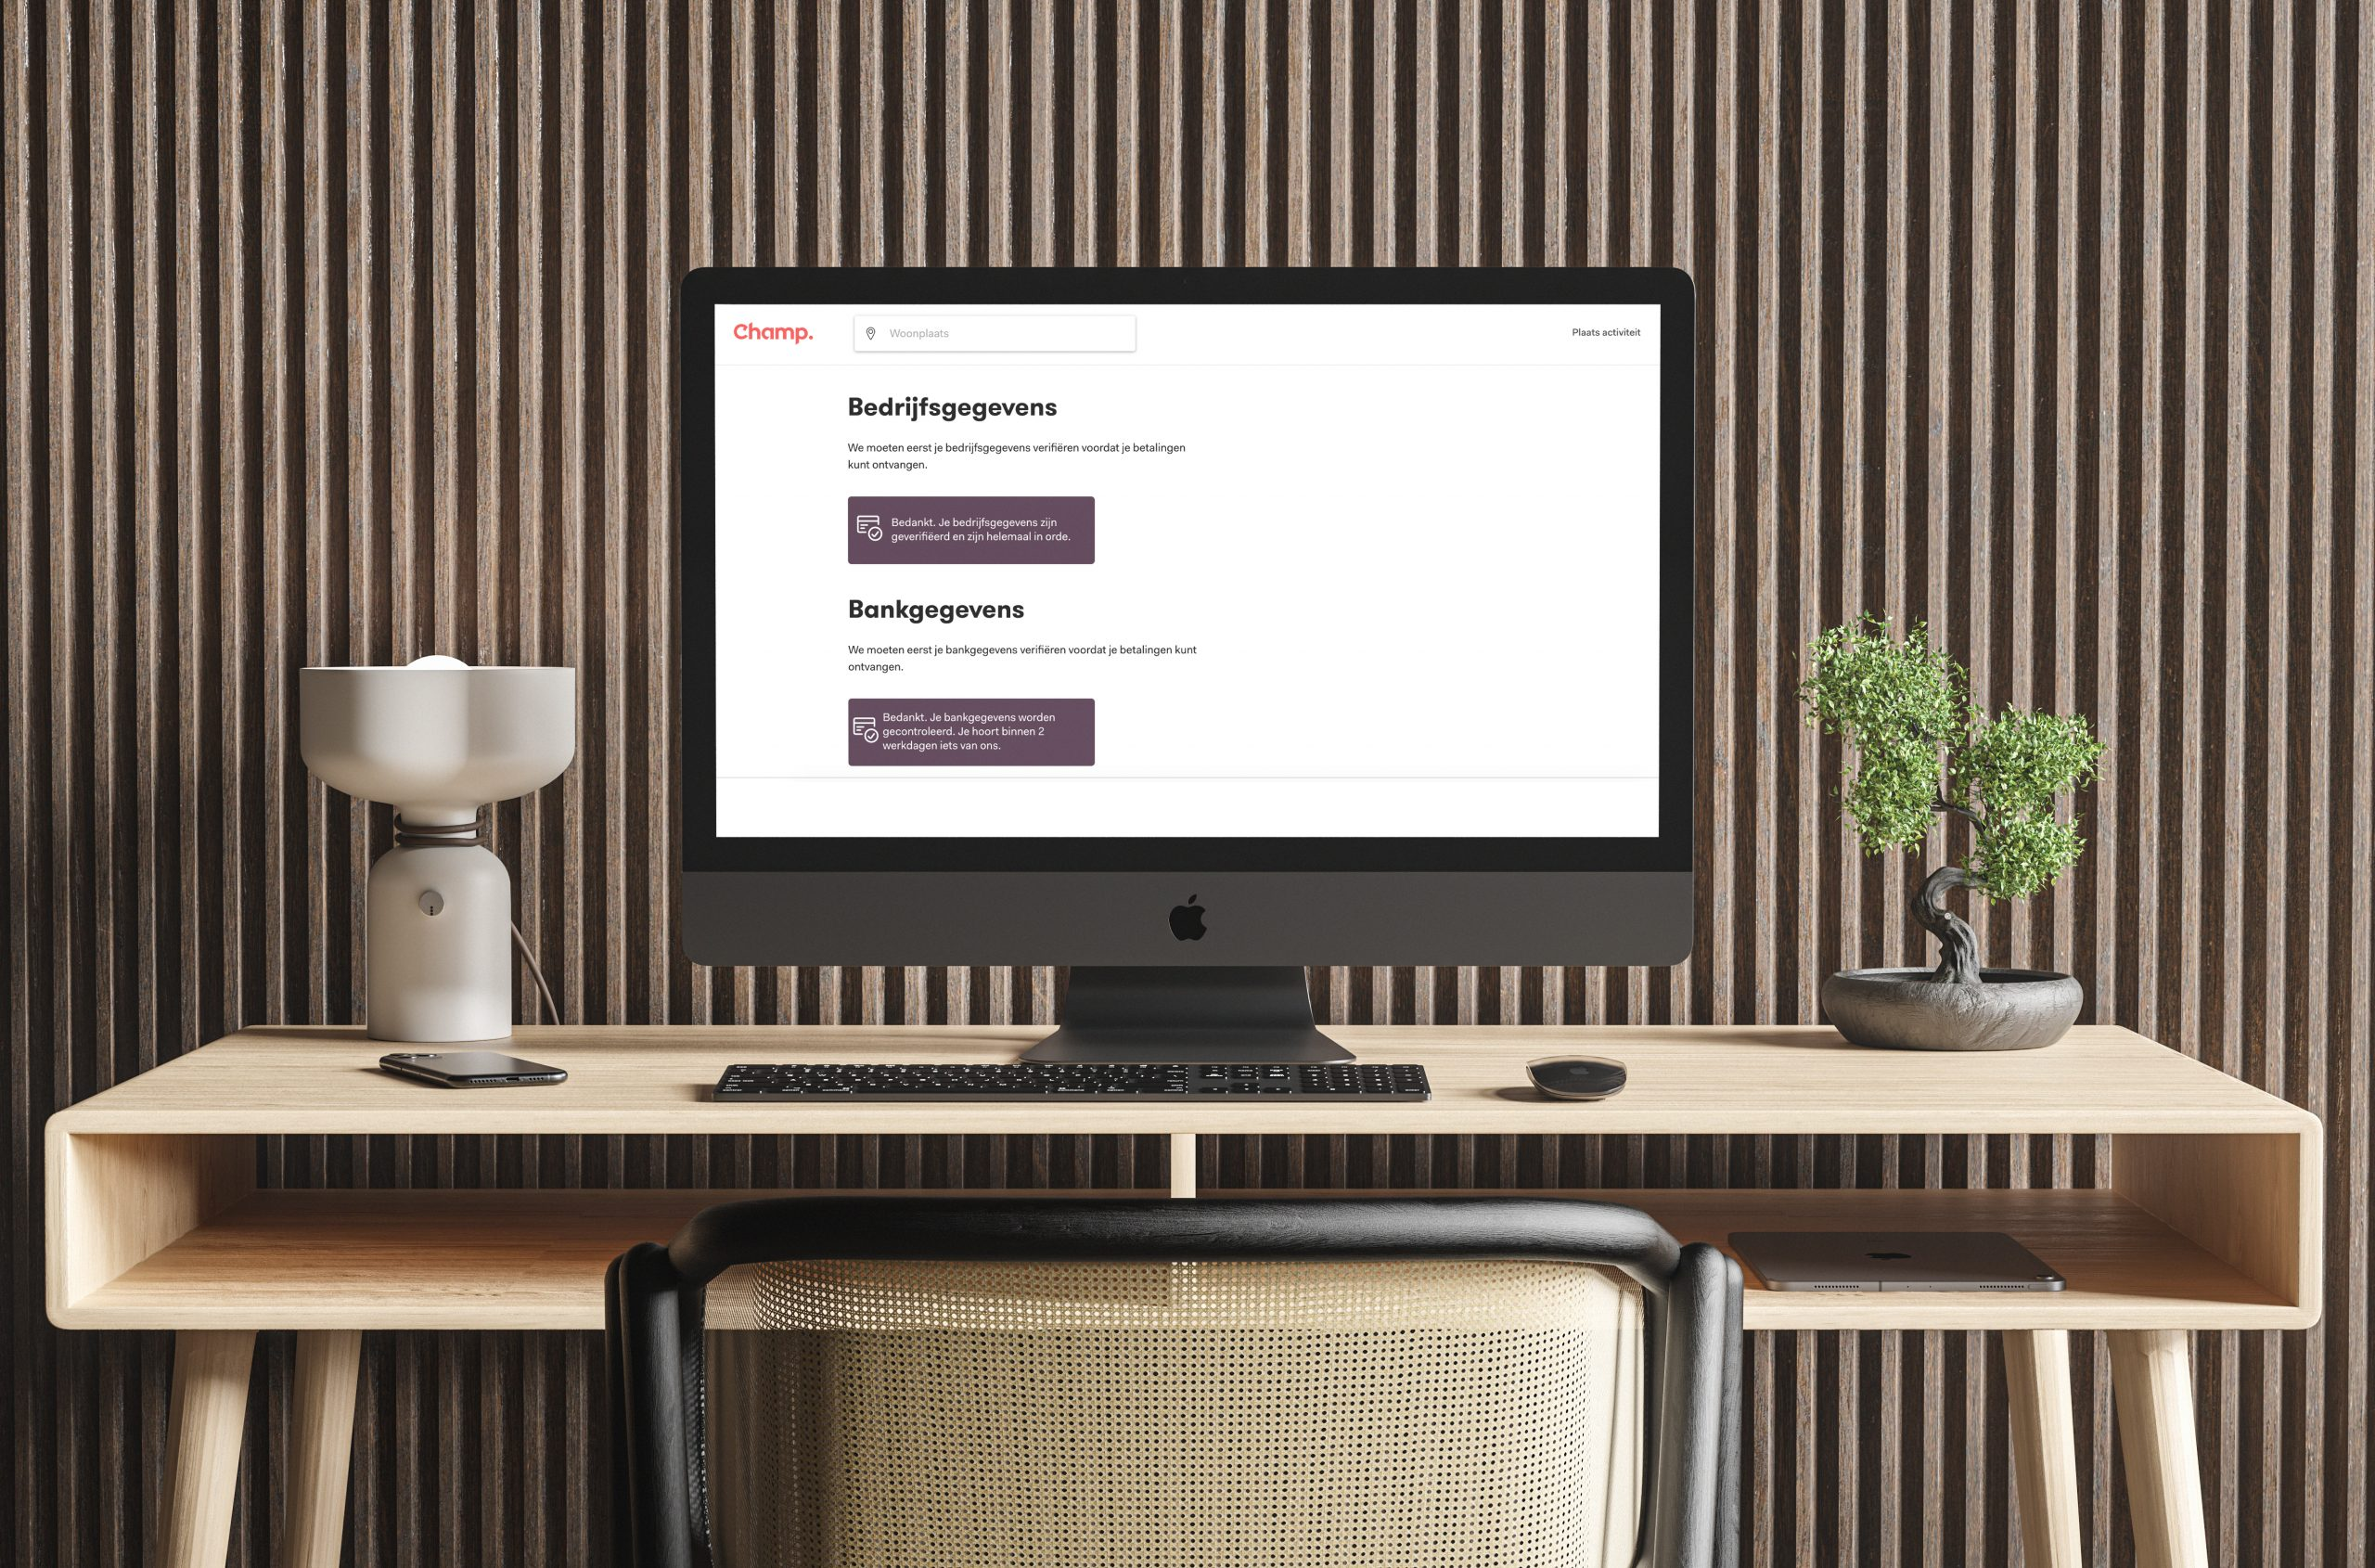 Bureau met desktop met de webpagina van Champ open